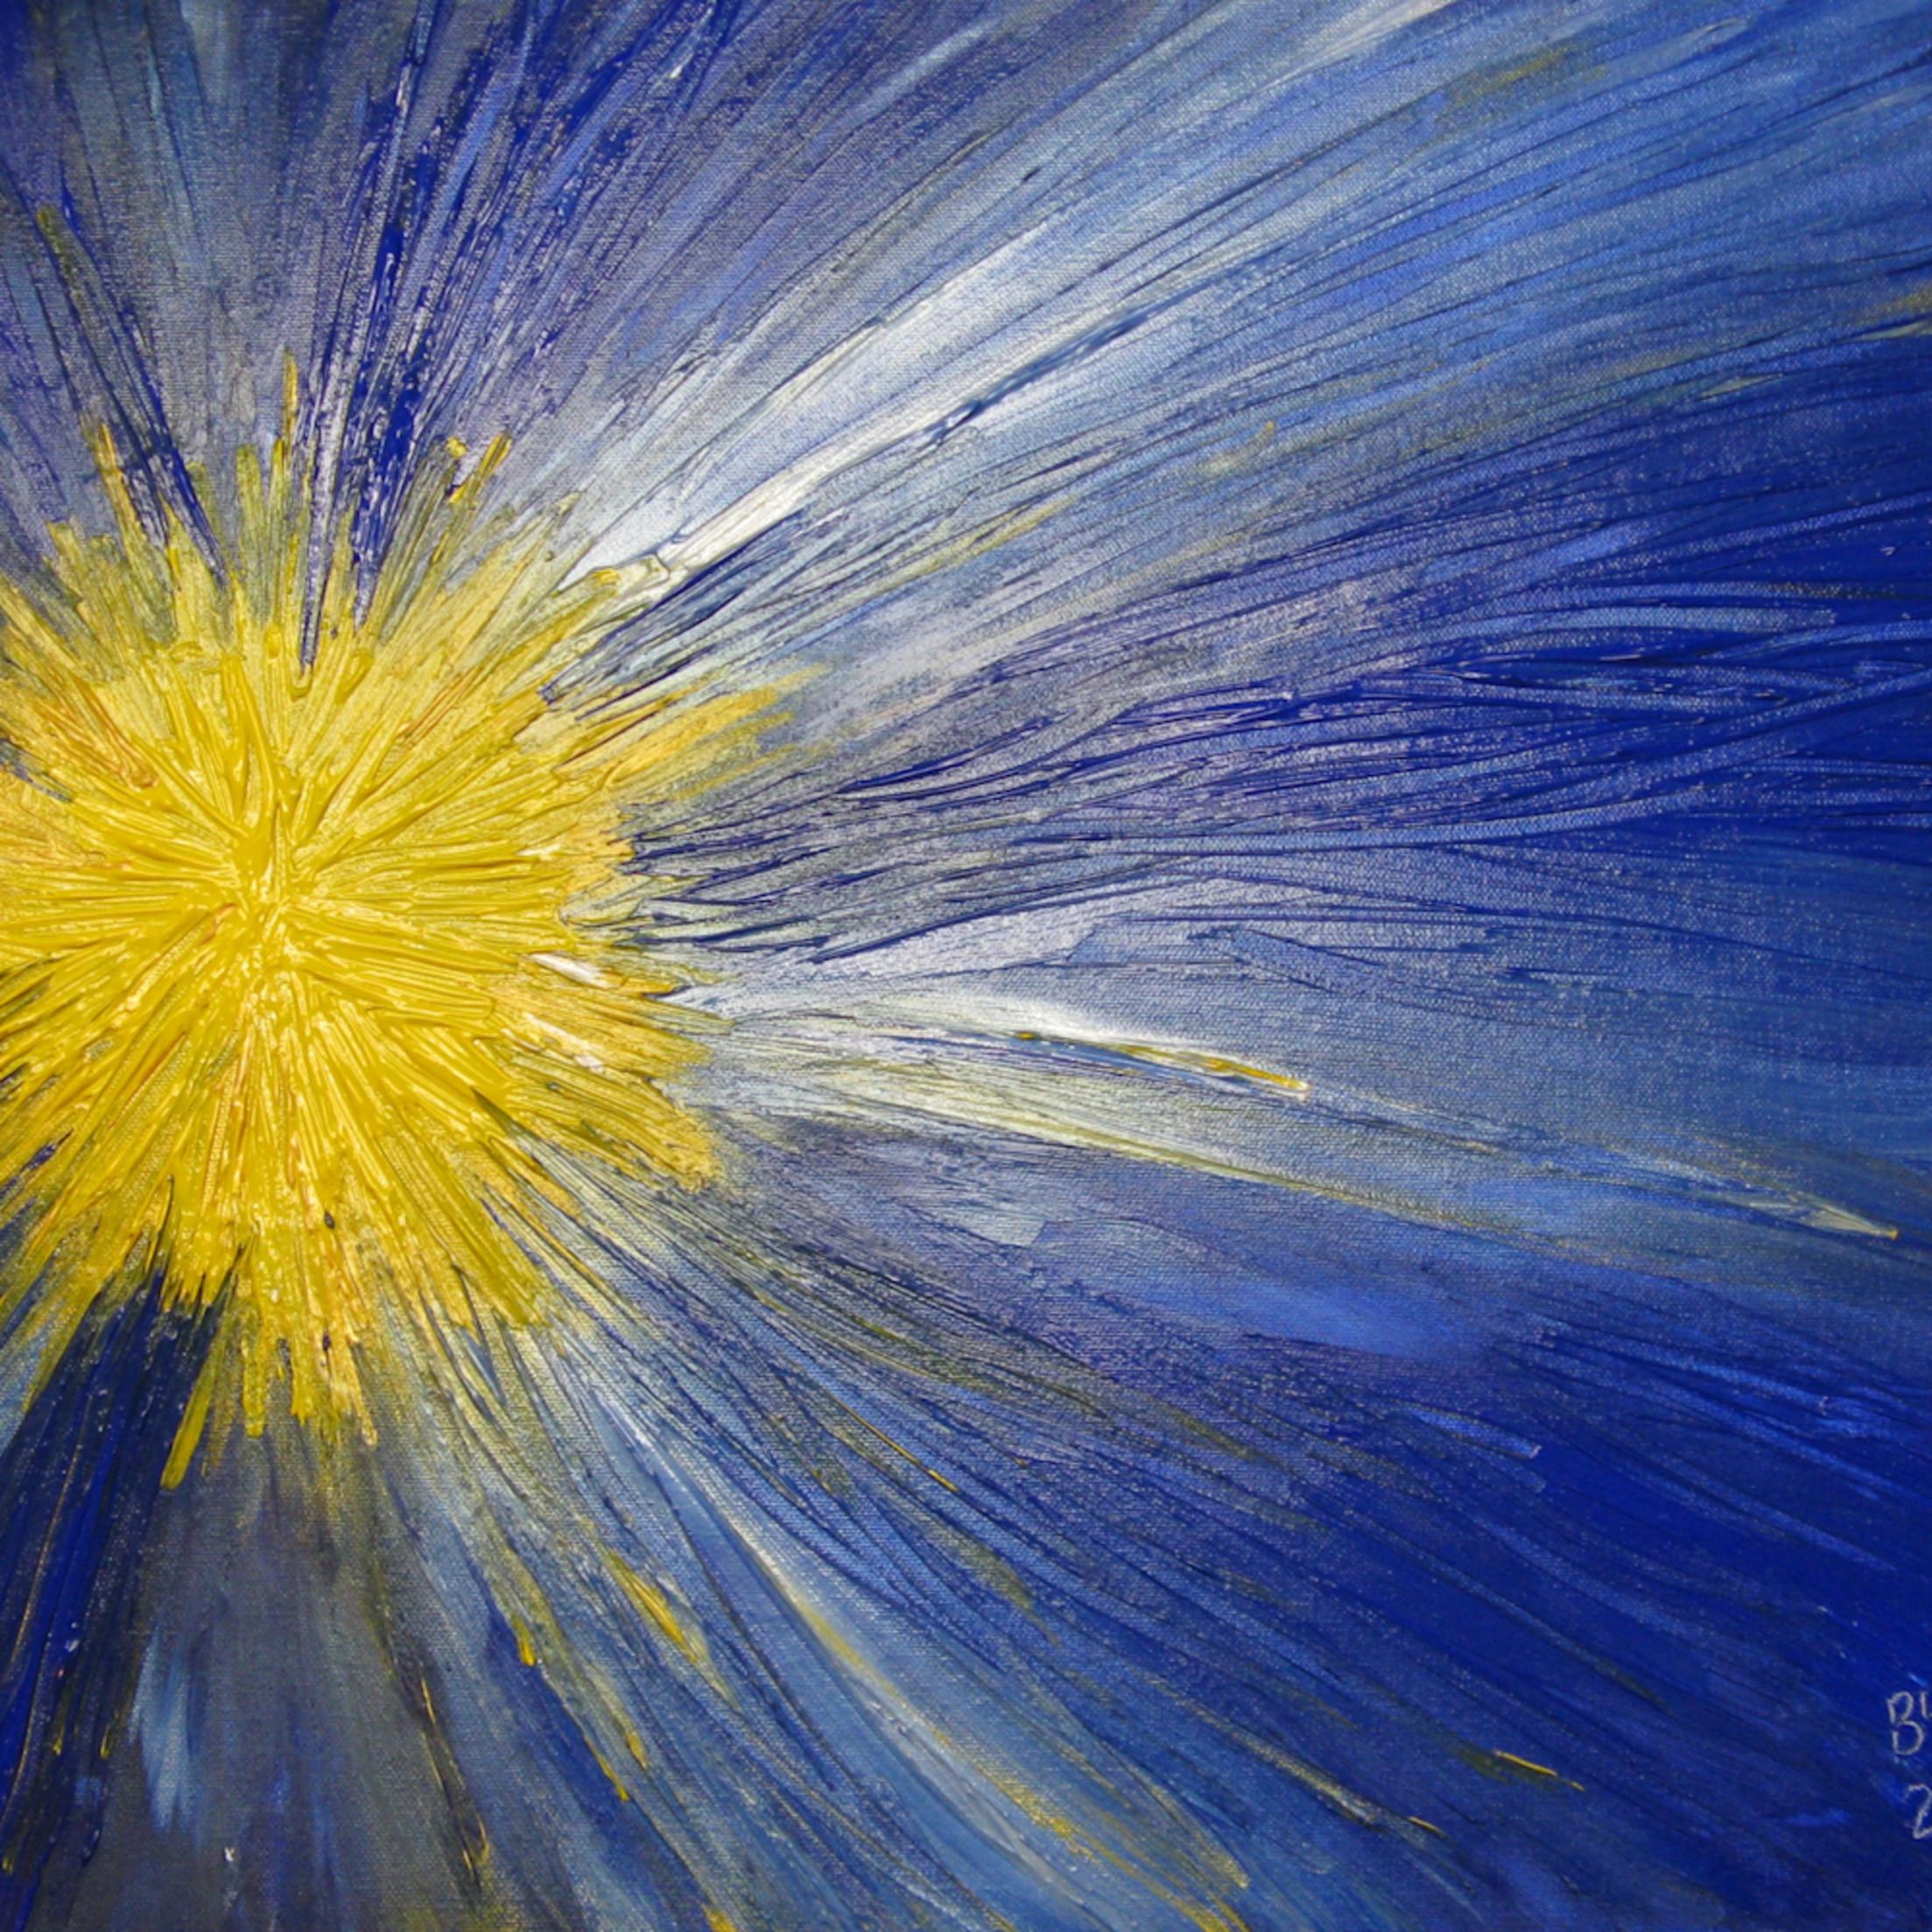 Dandelion explosion ub5sjn